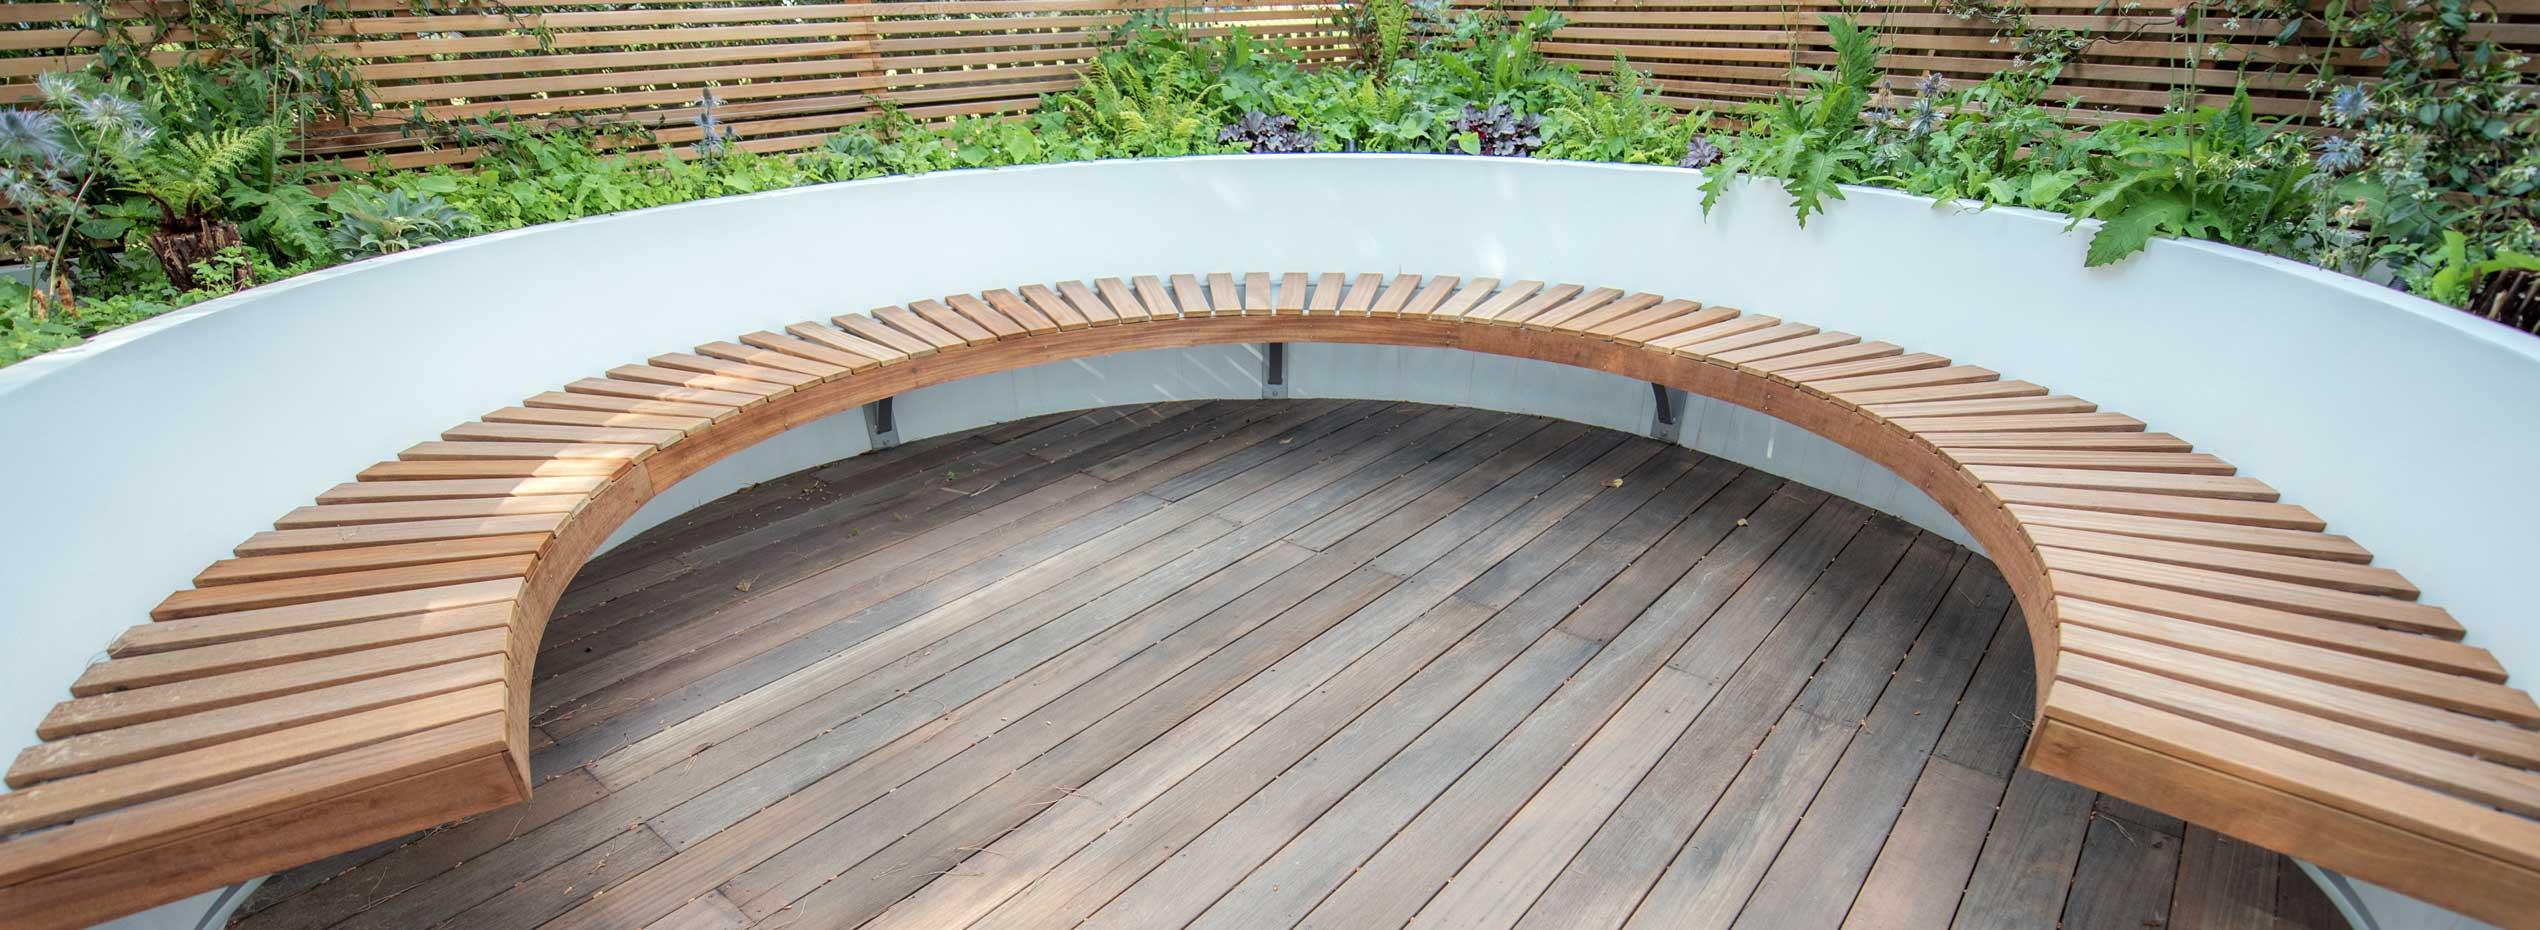 Garden Design in London, 9